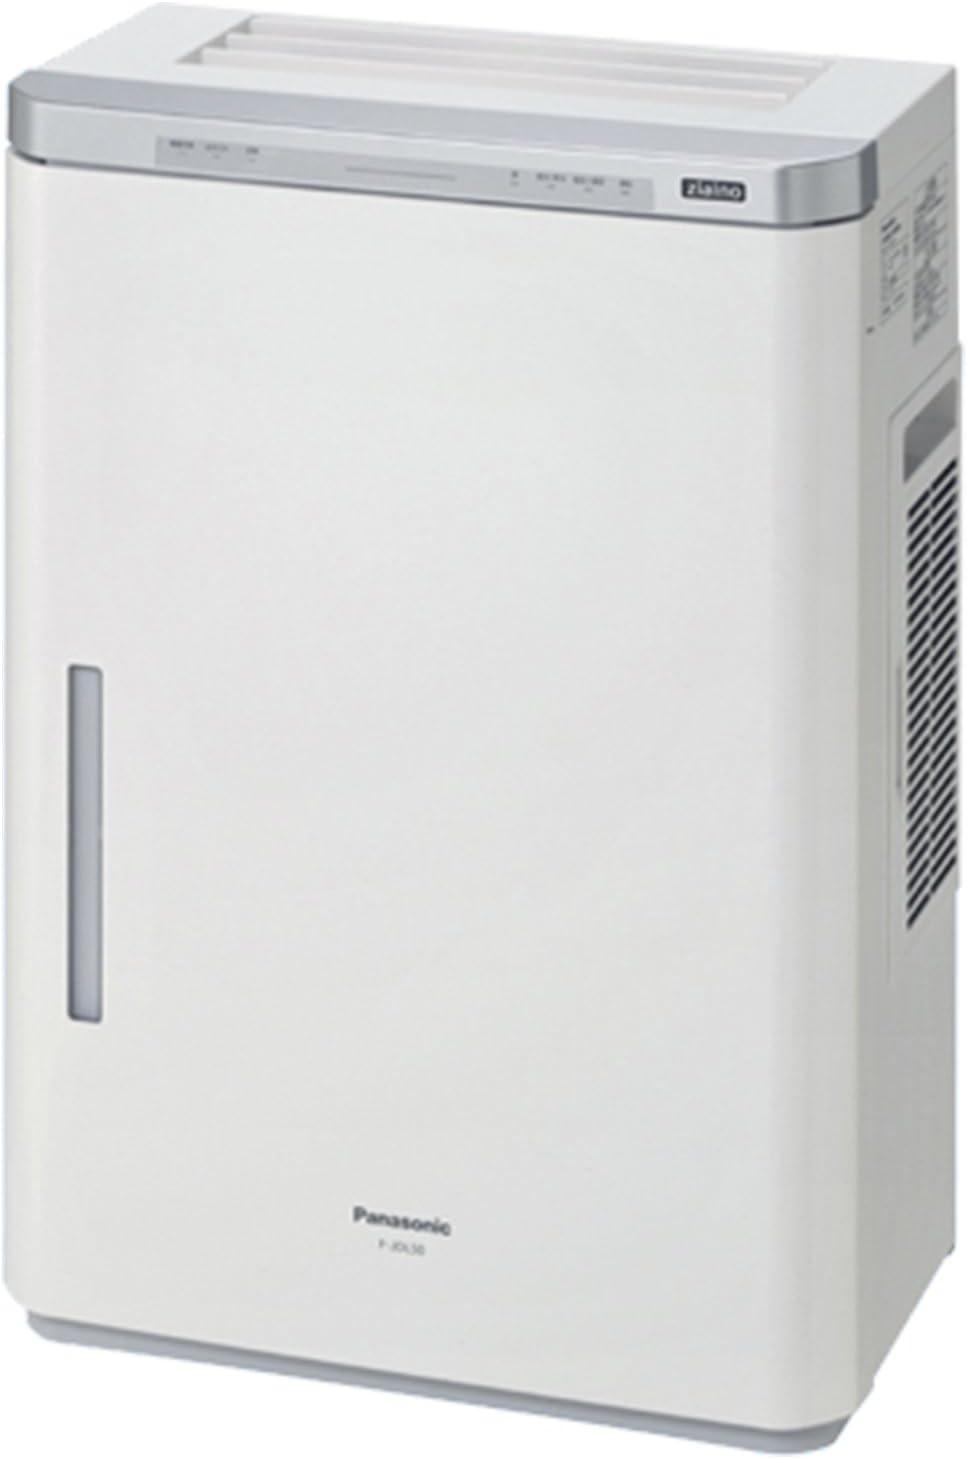 Panasonic F-JDL50-W - Purificador de aire (300 m³/h, 66 m², 43 dB ...